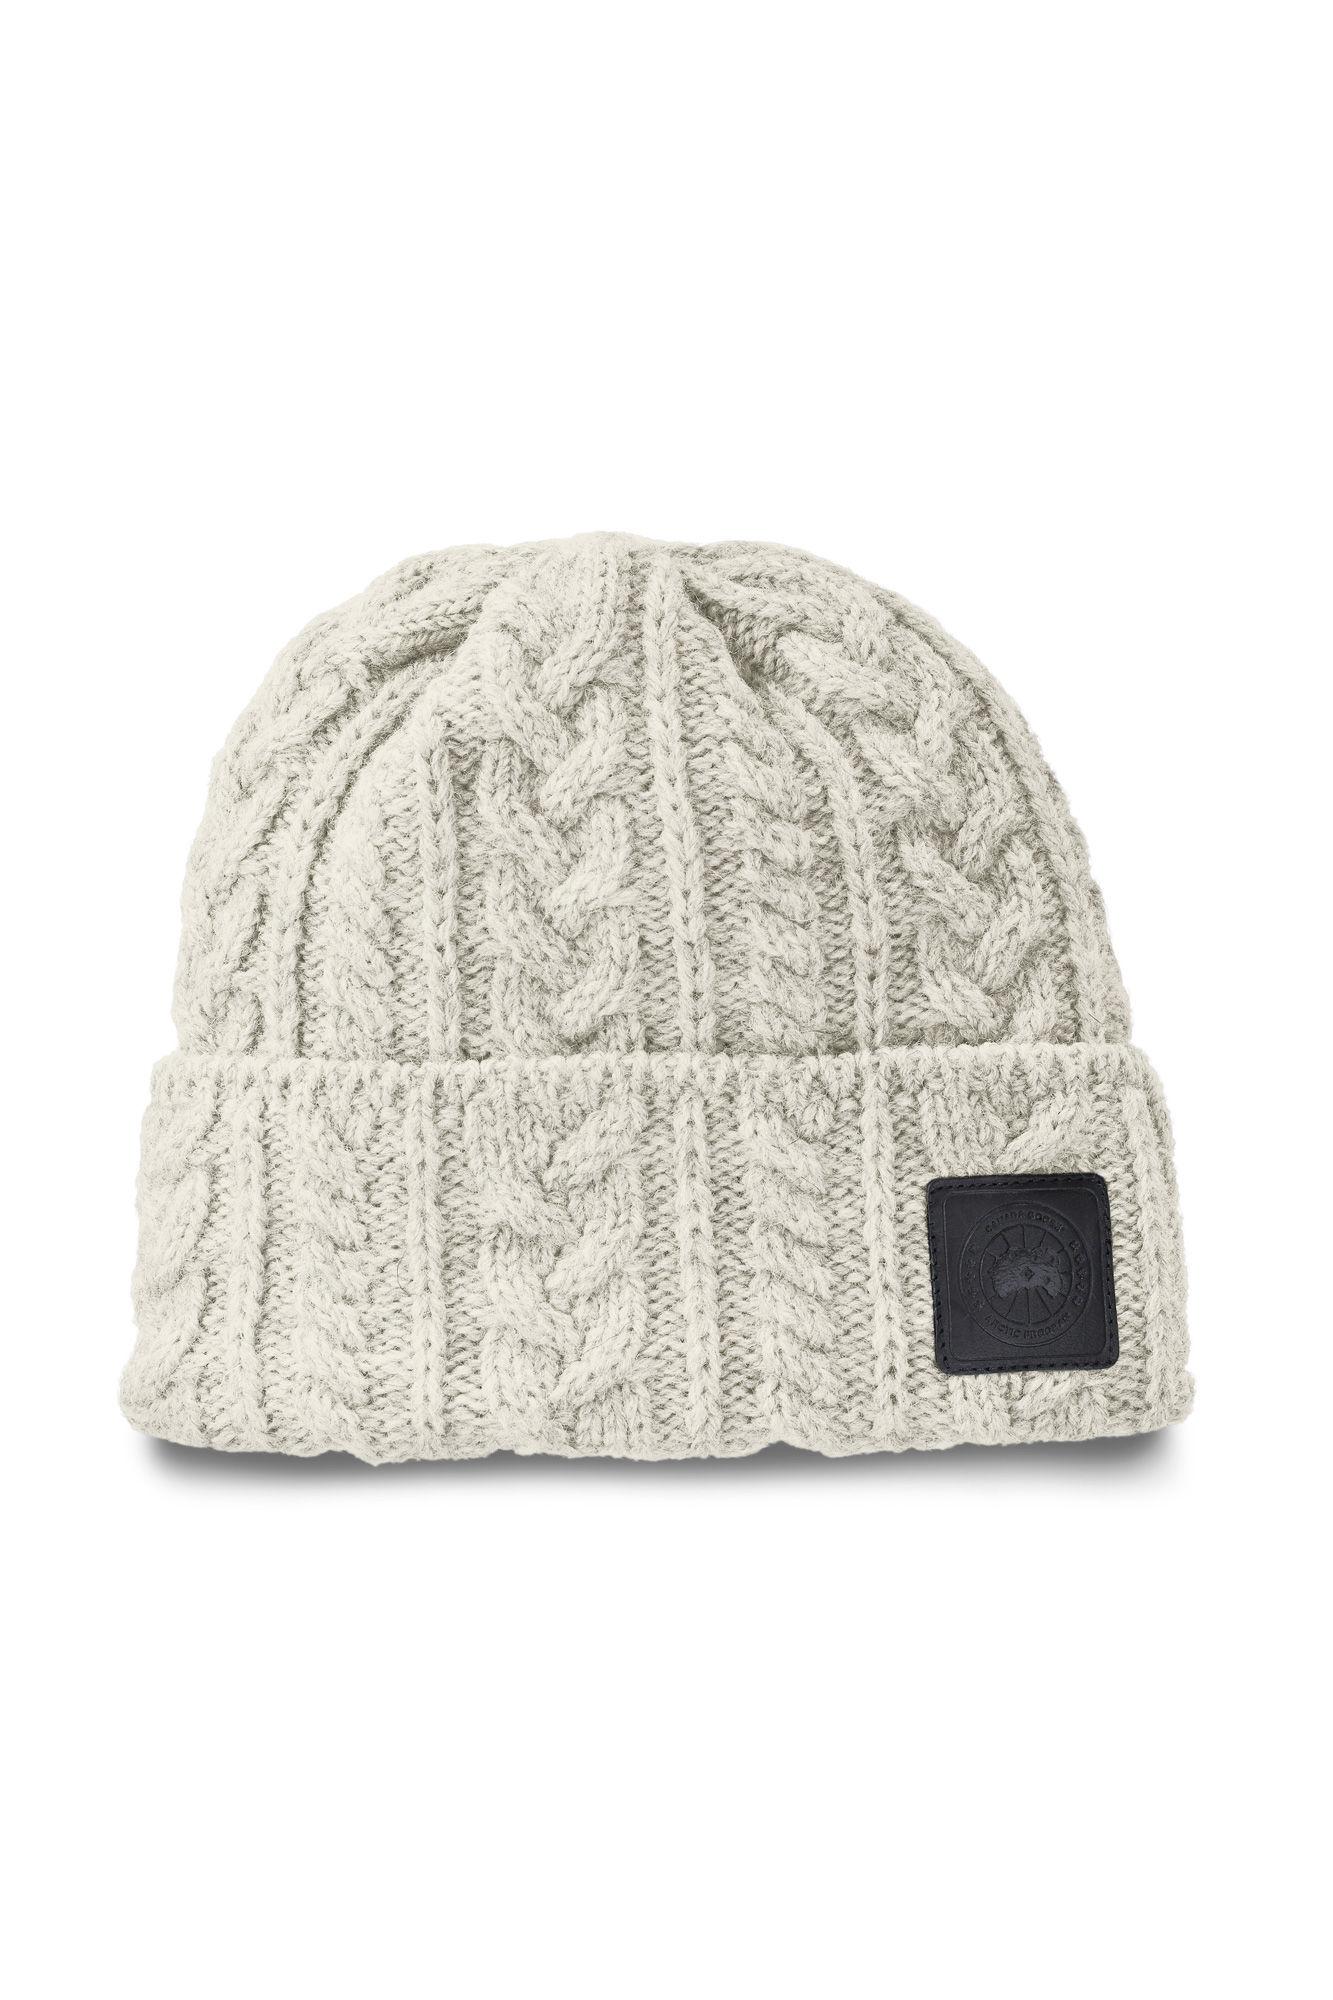 Bonnet en grosse laine   Canada Goose® 6c5e9da0b0c